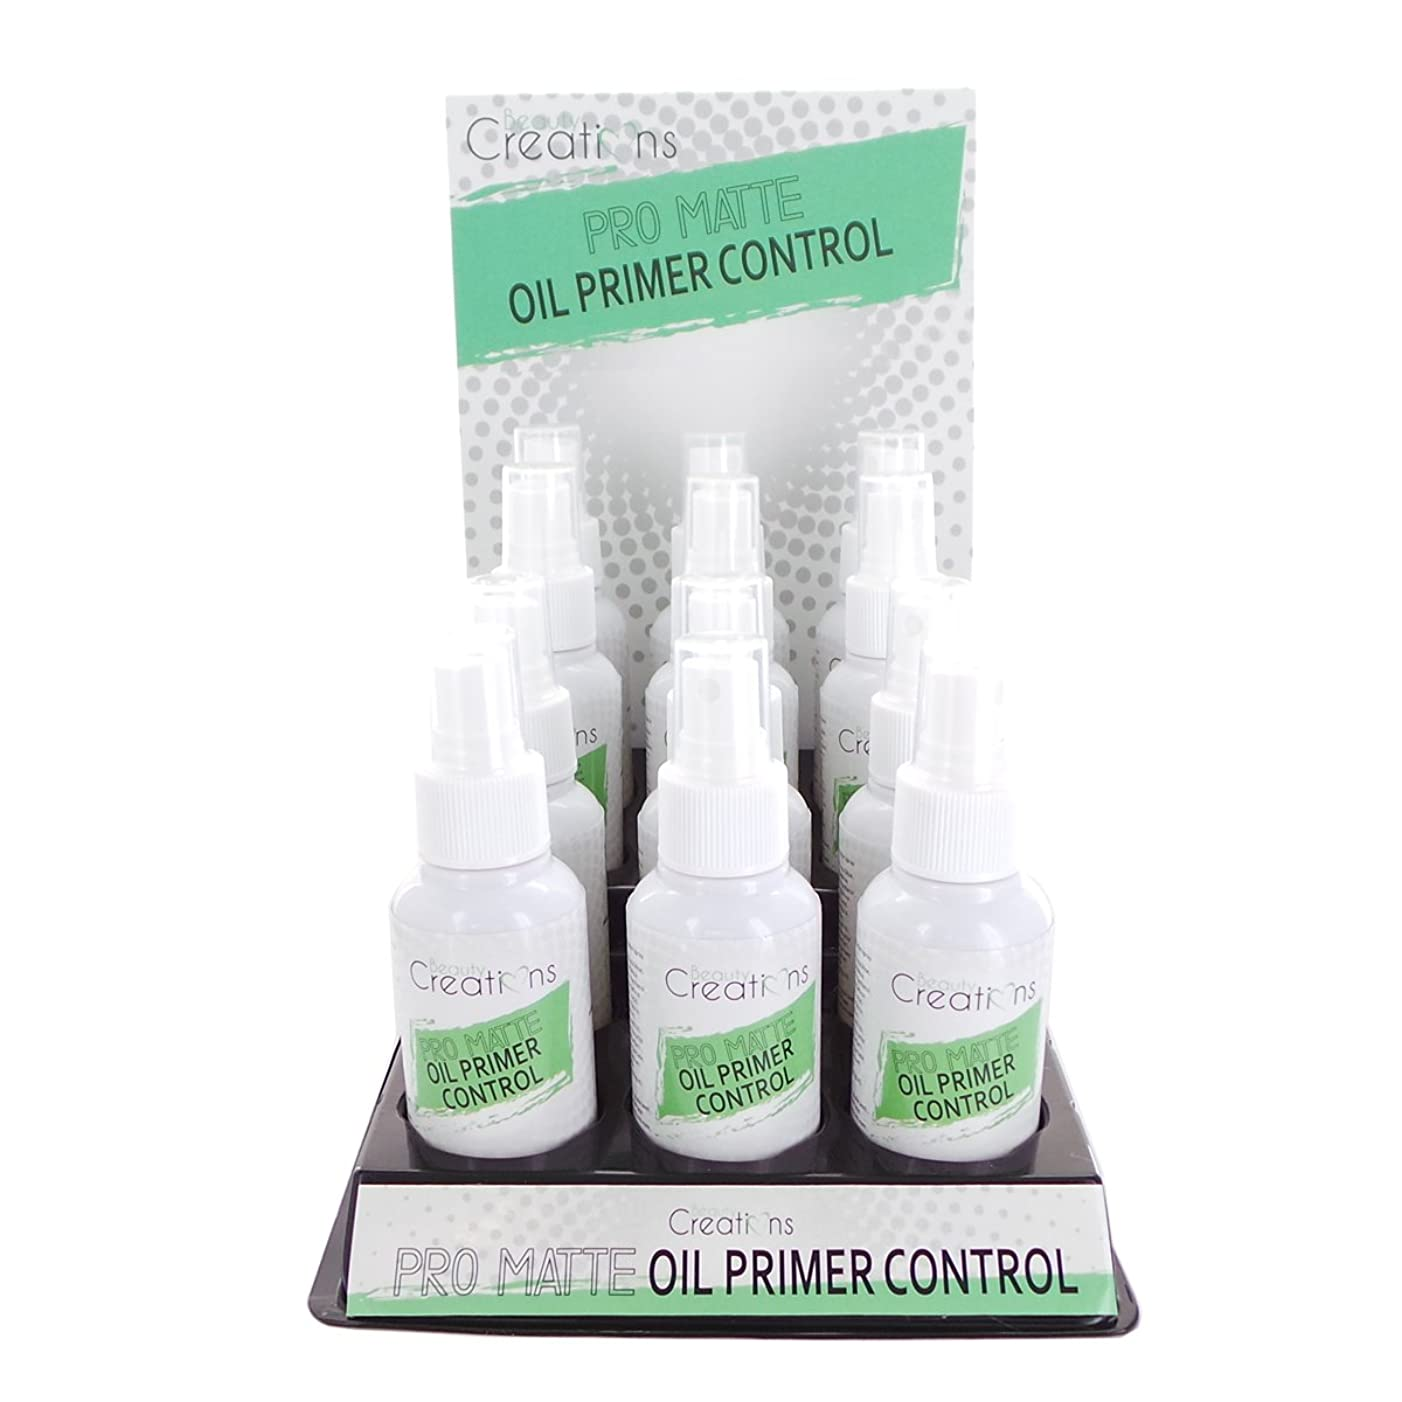 コカインいらいらさせる従順BEAUTY CREATIONS Pro Matte Oil Primer Control Spray Display Set, 12 Pieces (並行輸入品)